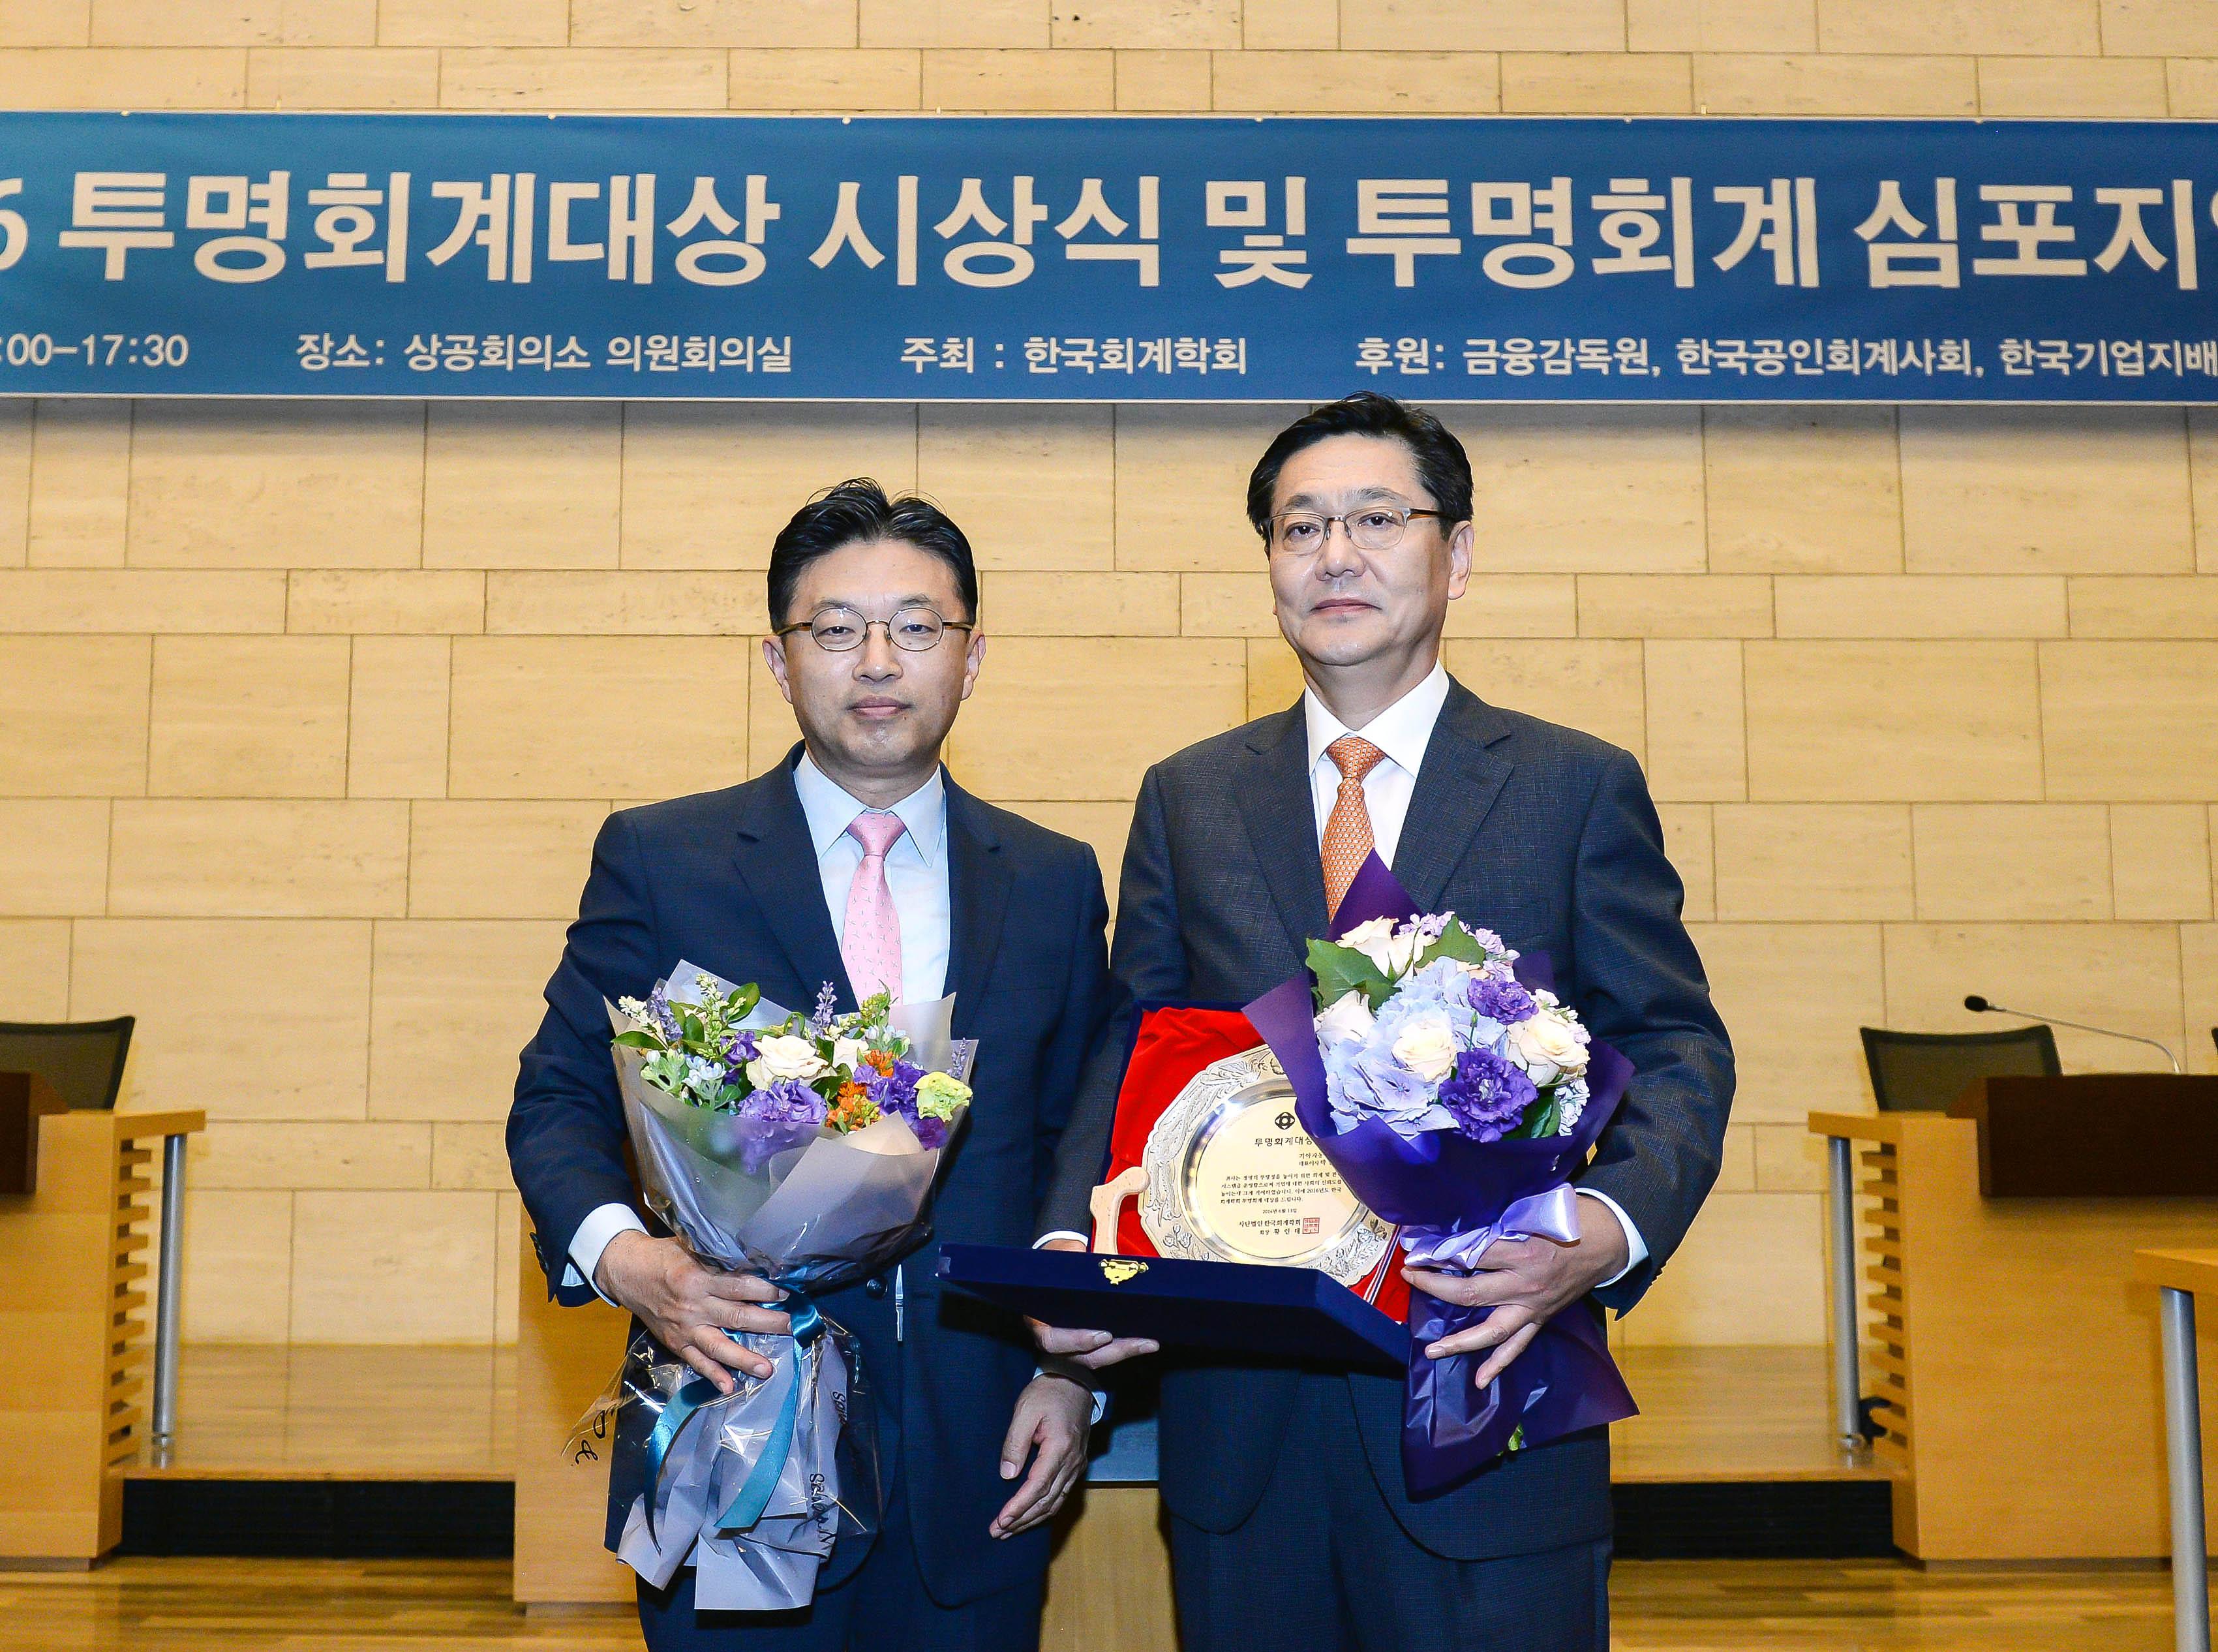 기아차, '2016 투명회계대상' 상장사 최초 2년 연속 대상 수상